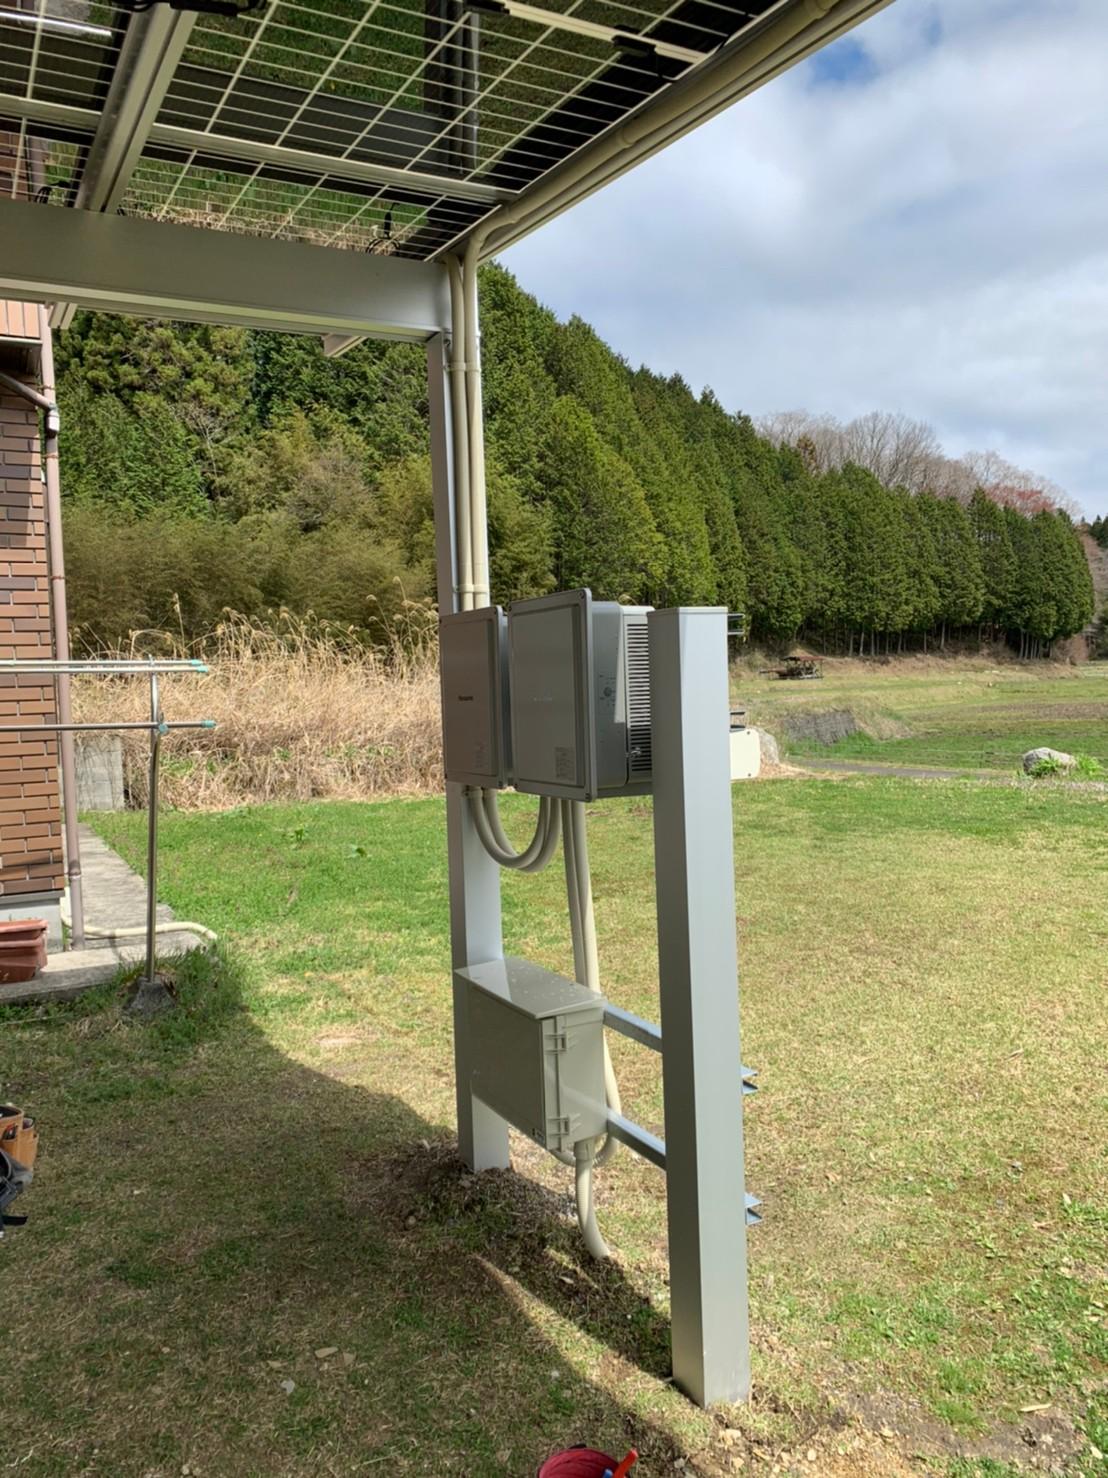 岐阜県多治見市の電力事業株式会社エネファントの太陽光パネル付きカーポート無料設置柱設置方式イメージ